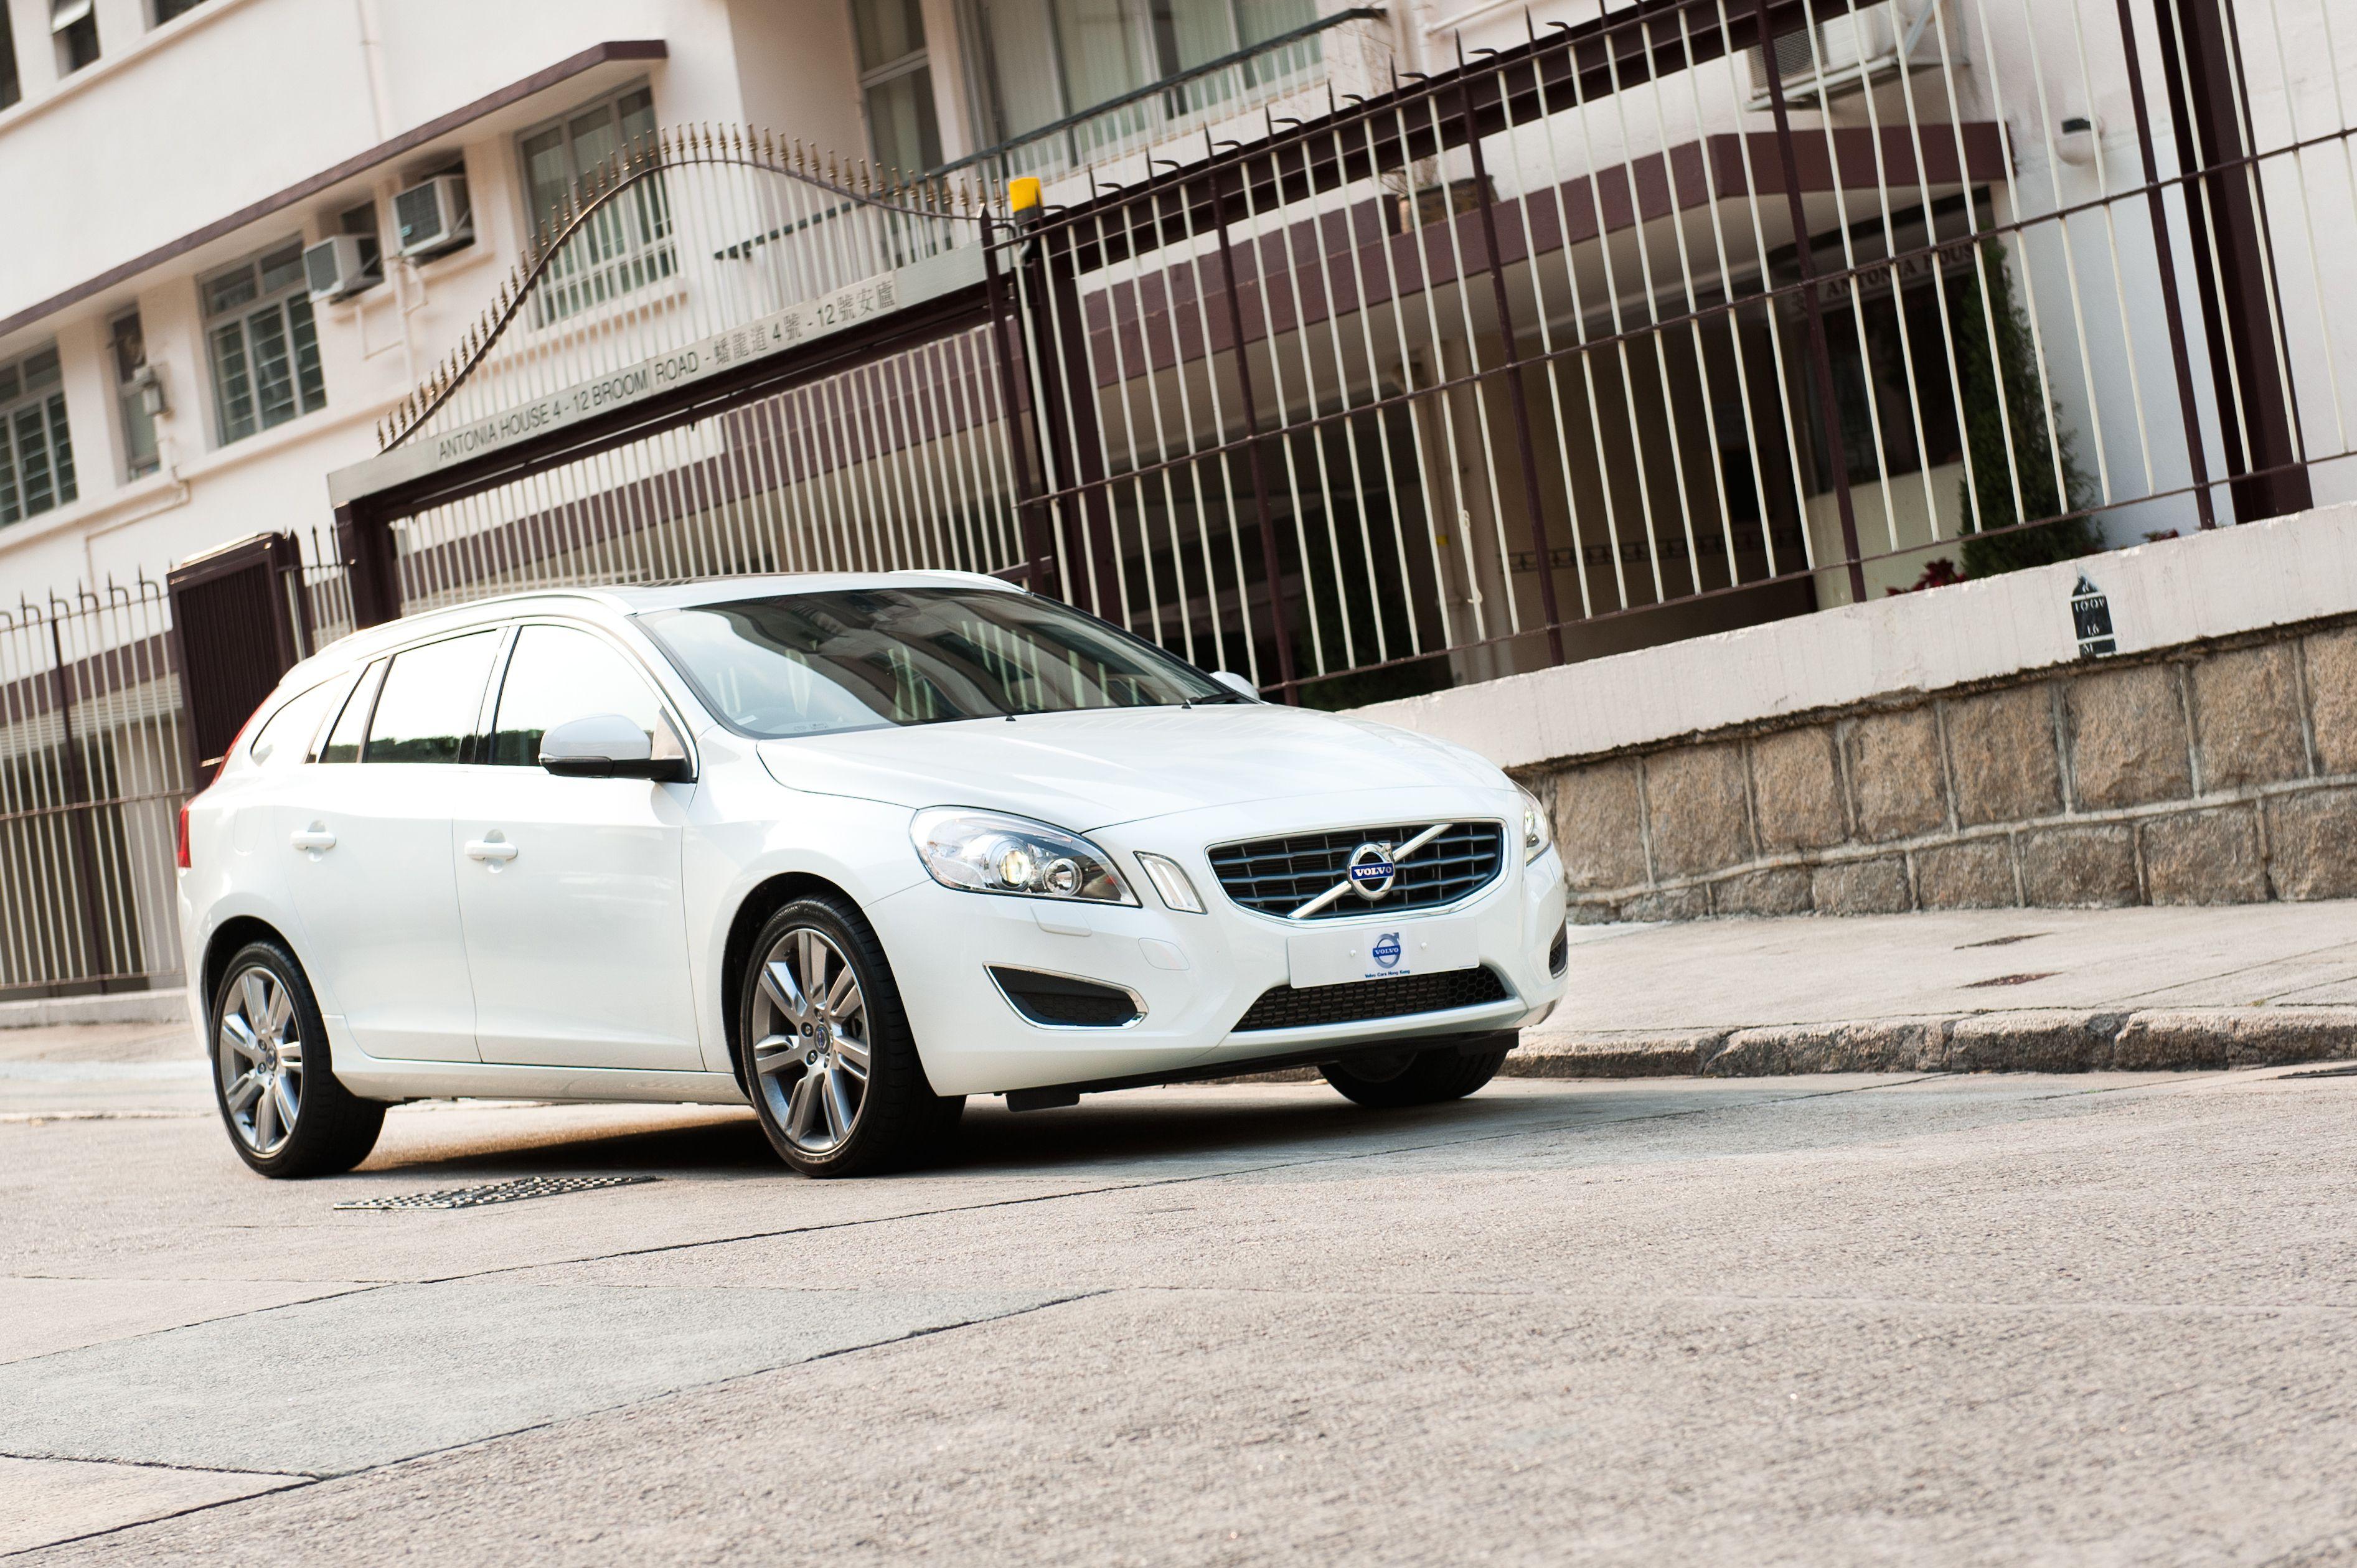 Volvo hevder du vil være fullstendig trygg i en slik i 2020.Foto: Shutterstock 190134983